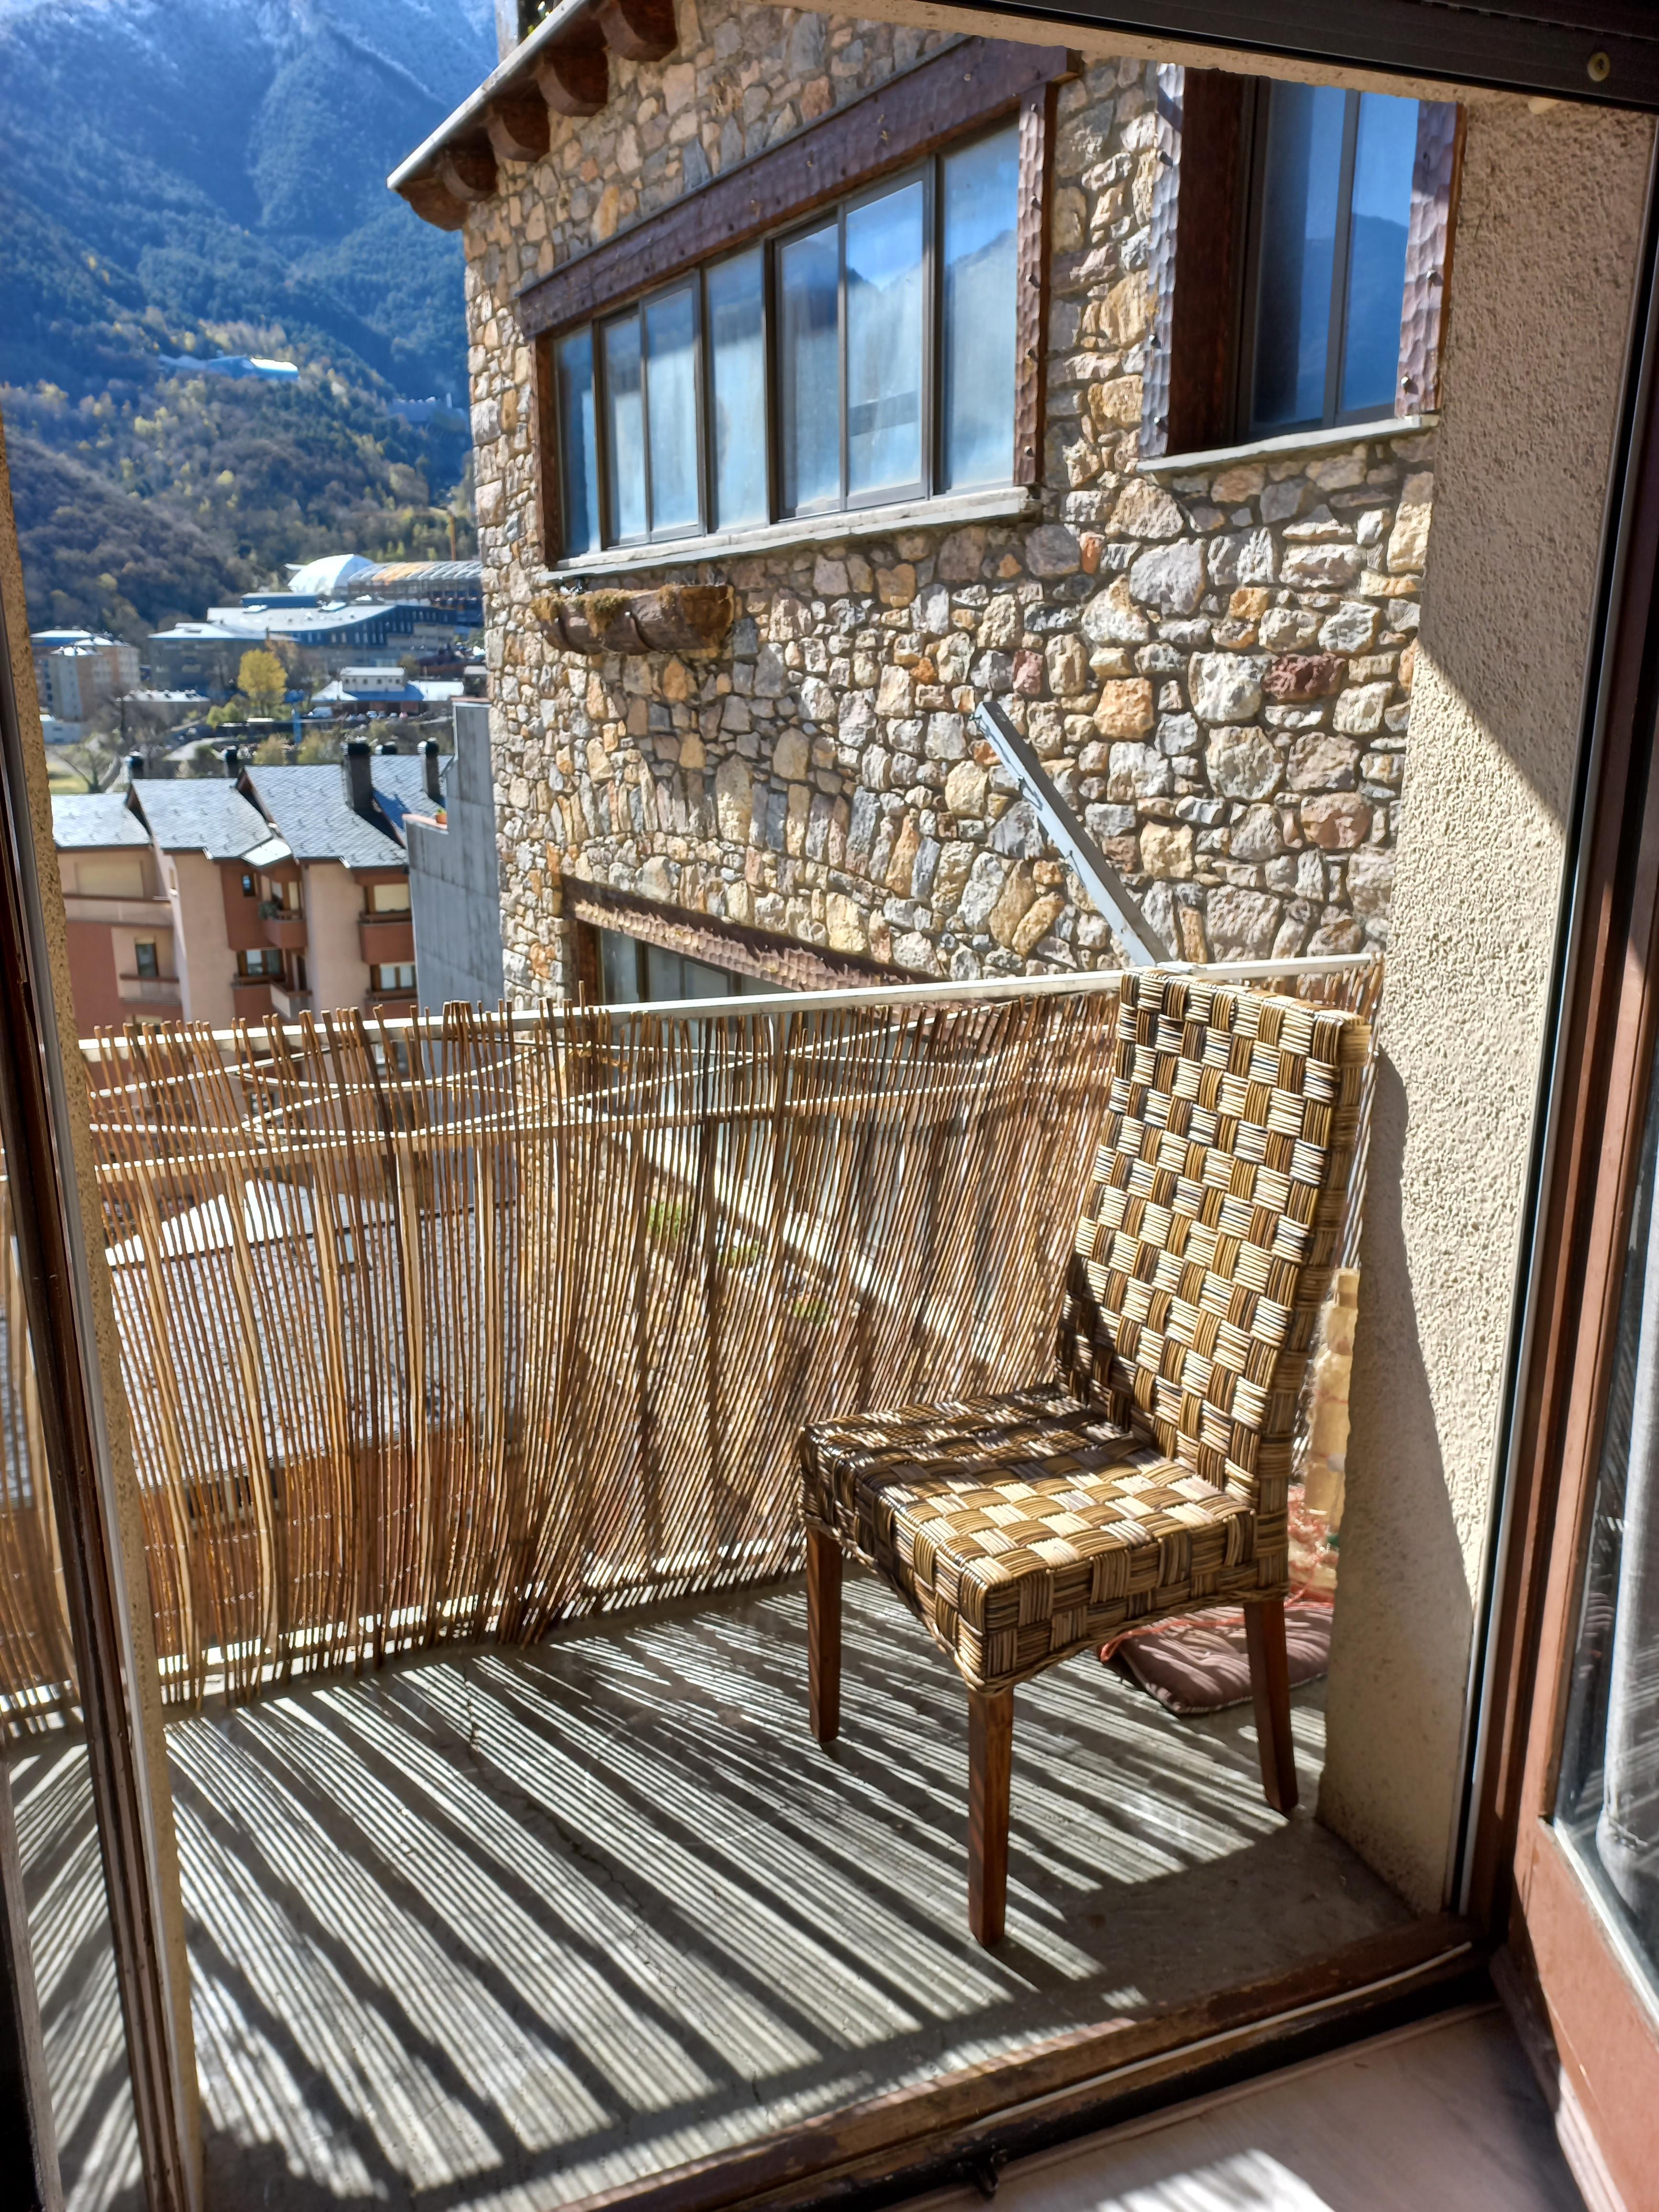 Pis en venda a Andorra la vella - Immobiliària Cortals - Andorra - Rèf. 0333